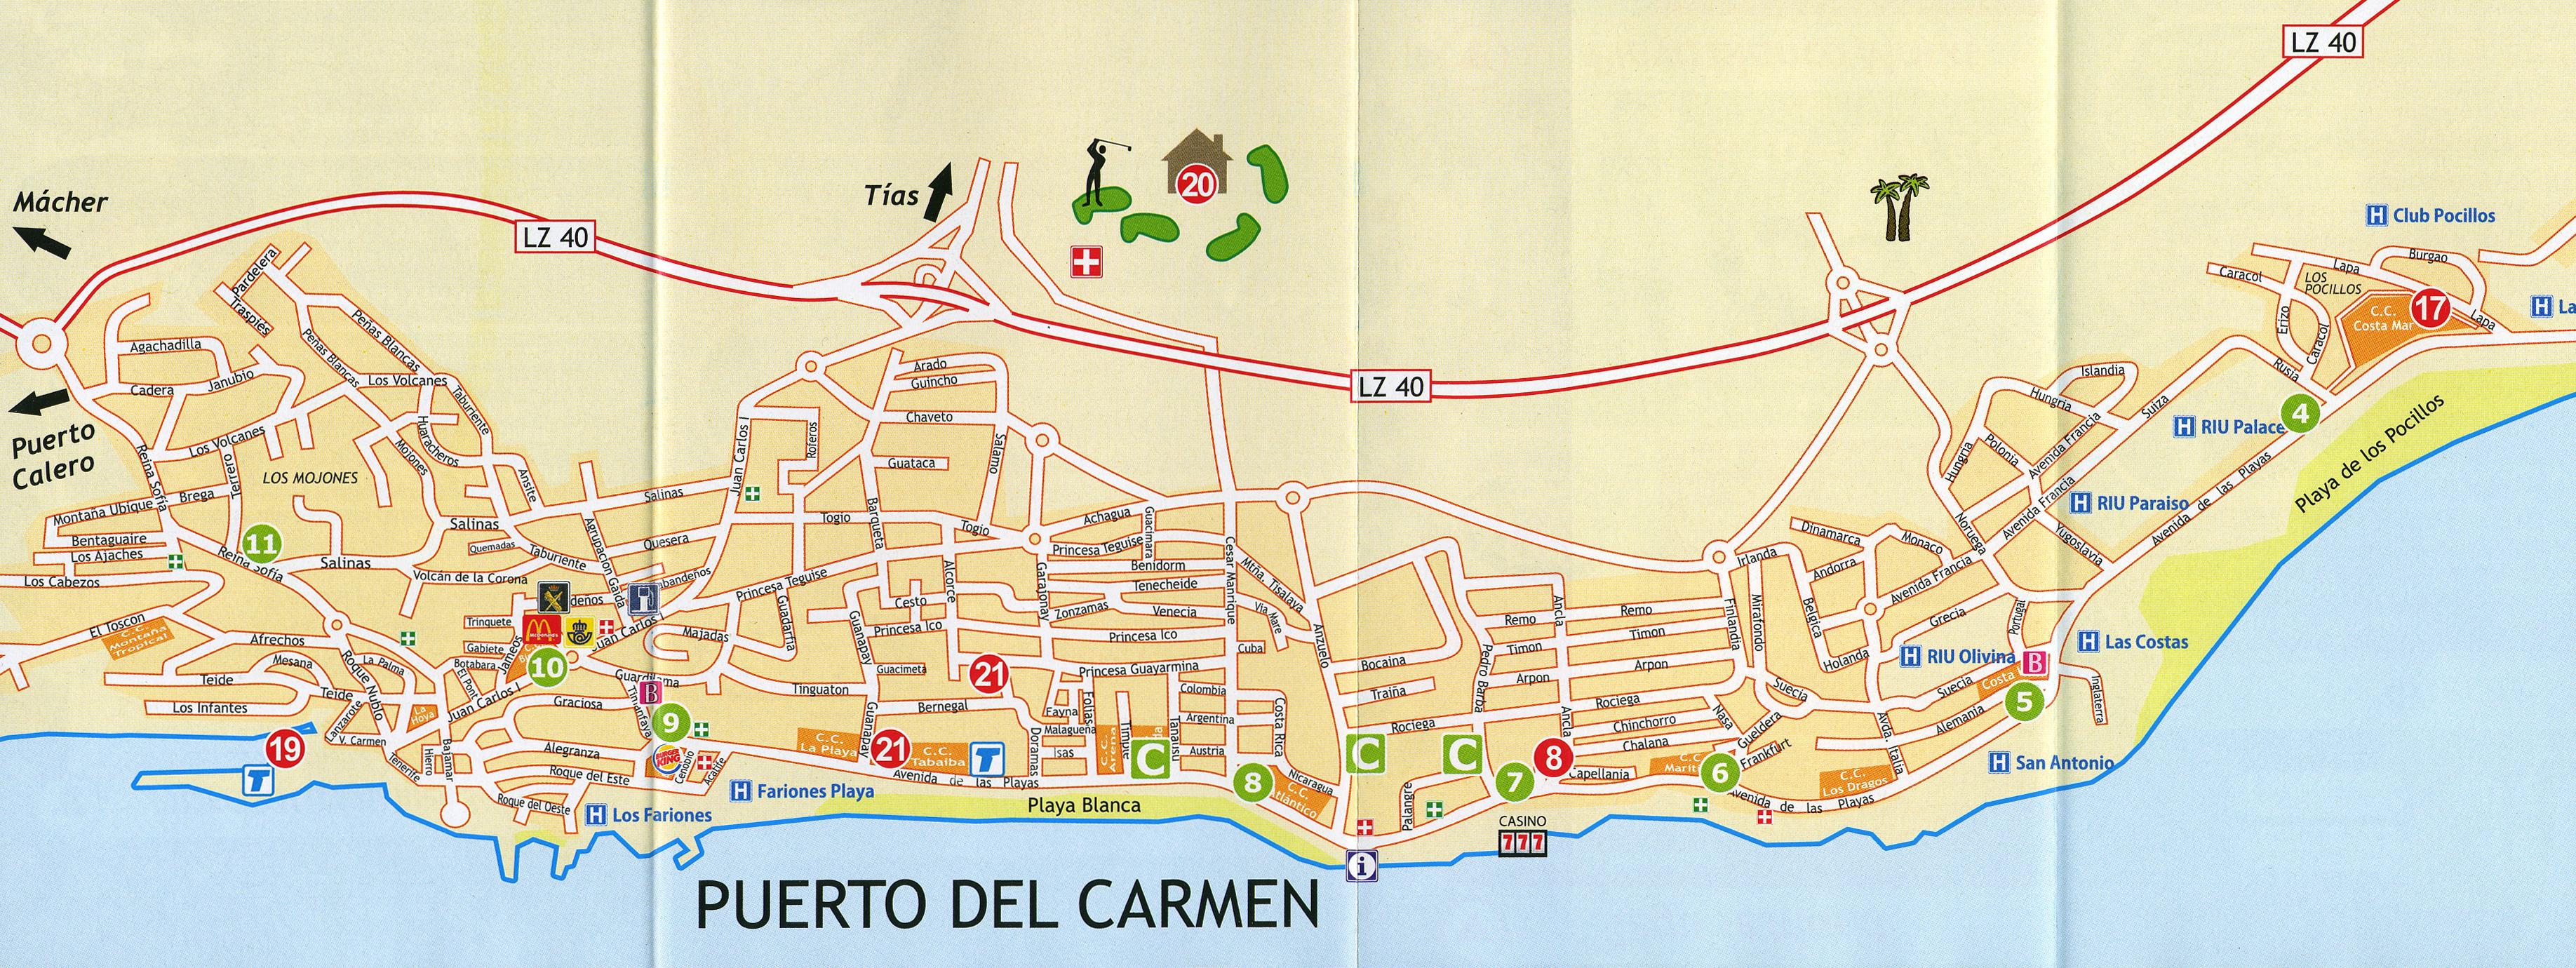 Hotel Los Fariones Puerto Del Carmen Spain